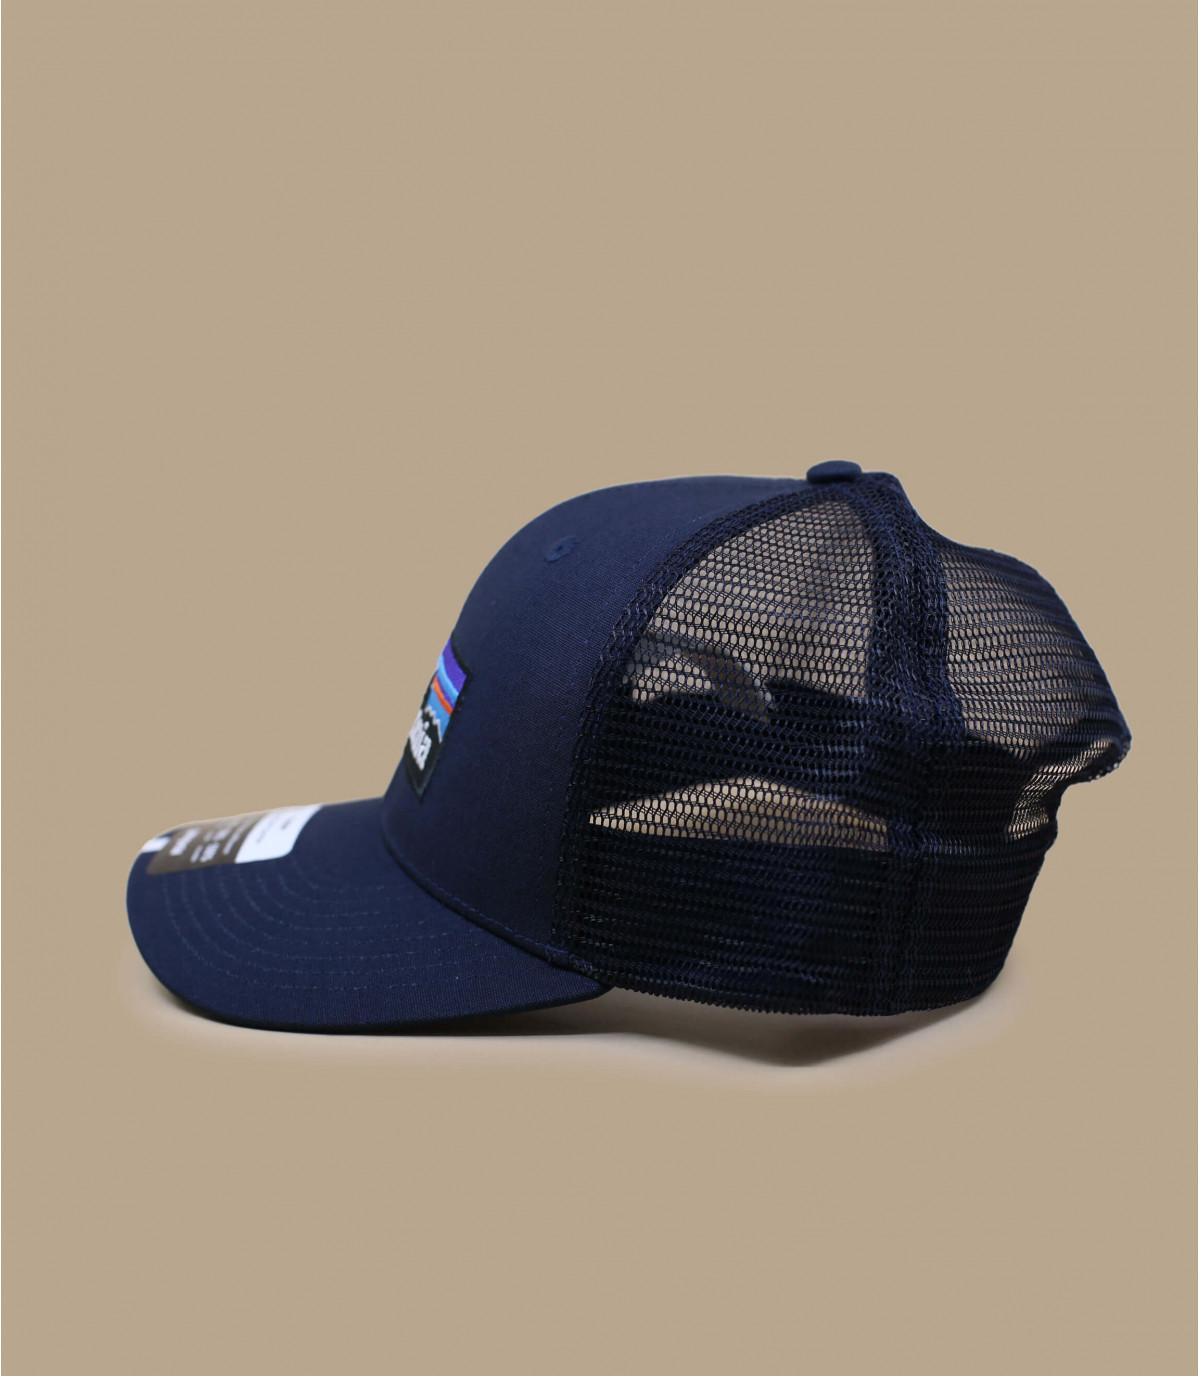 Casquette visière courbée bleue